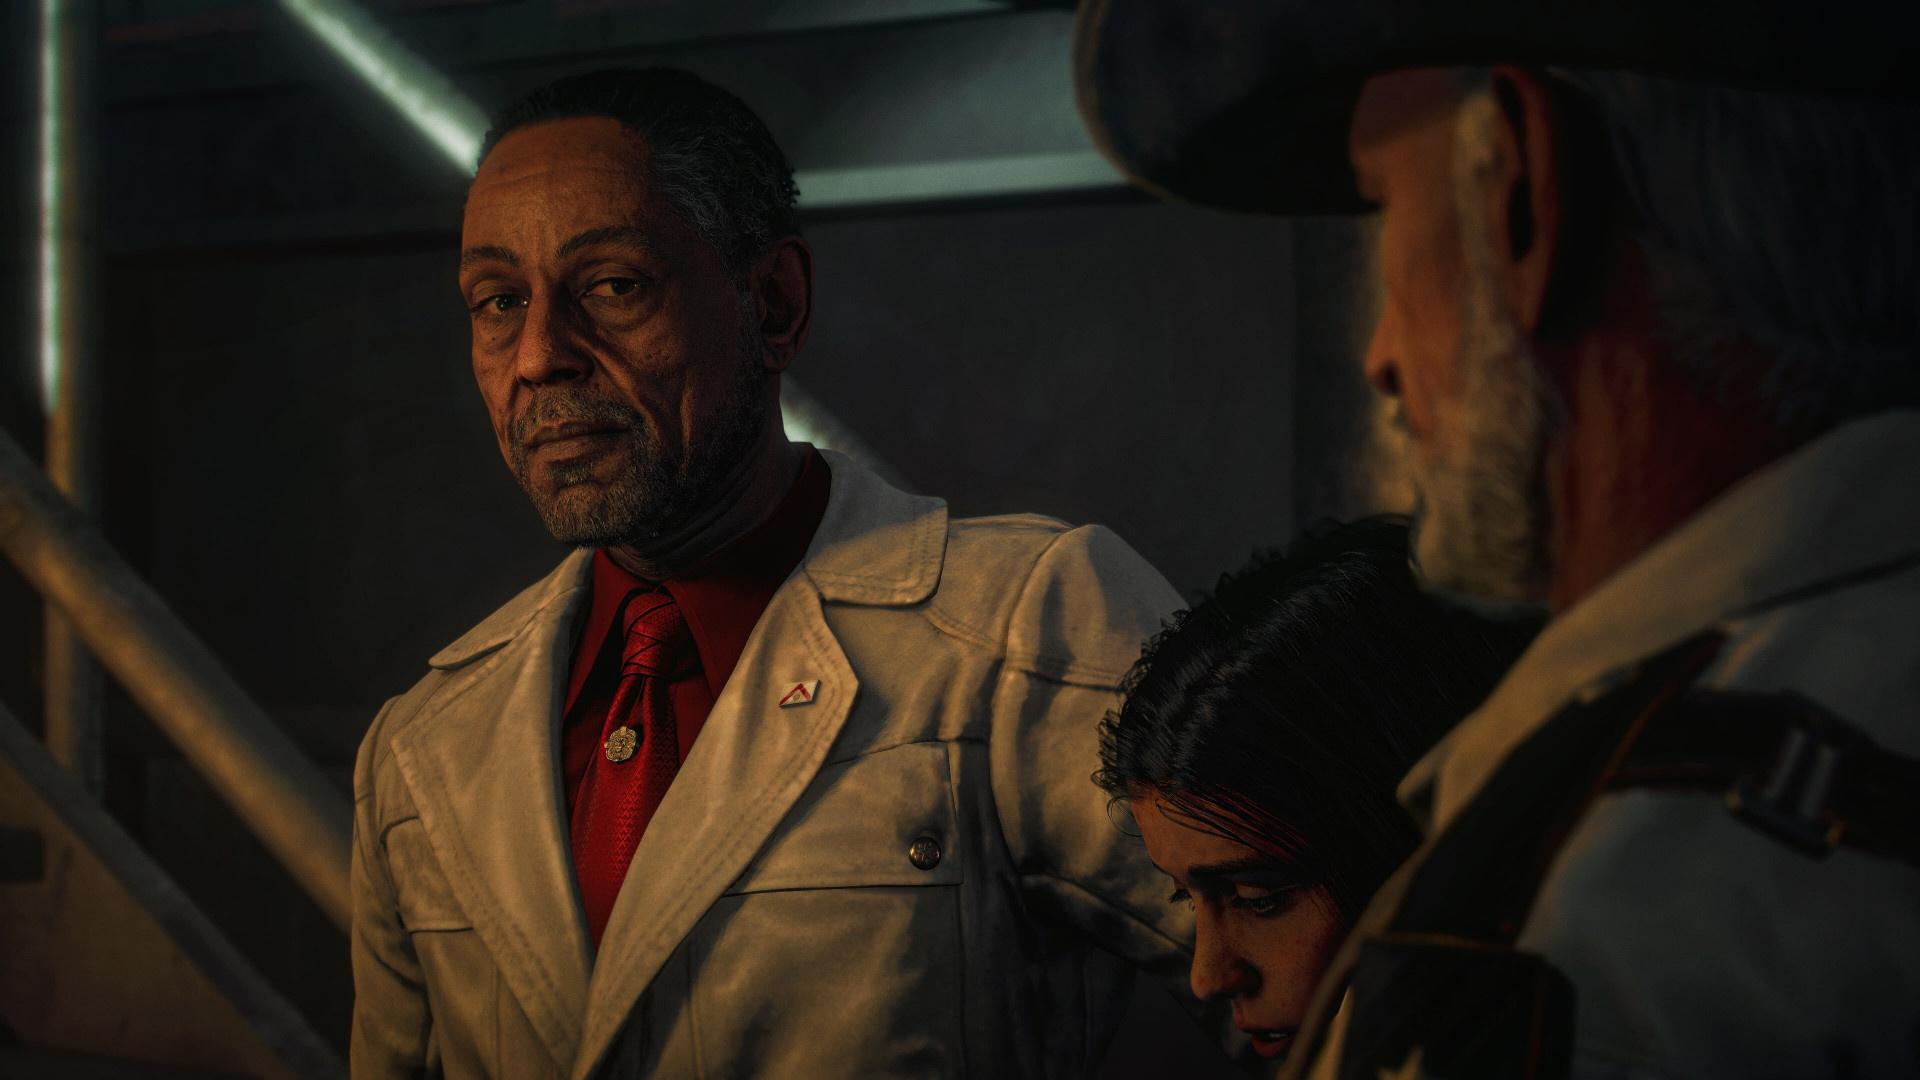 Новый сюжетный трейлер Far Cry6 посвятили главному злодею игры